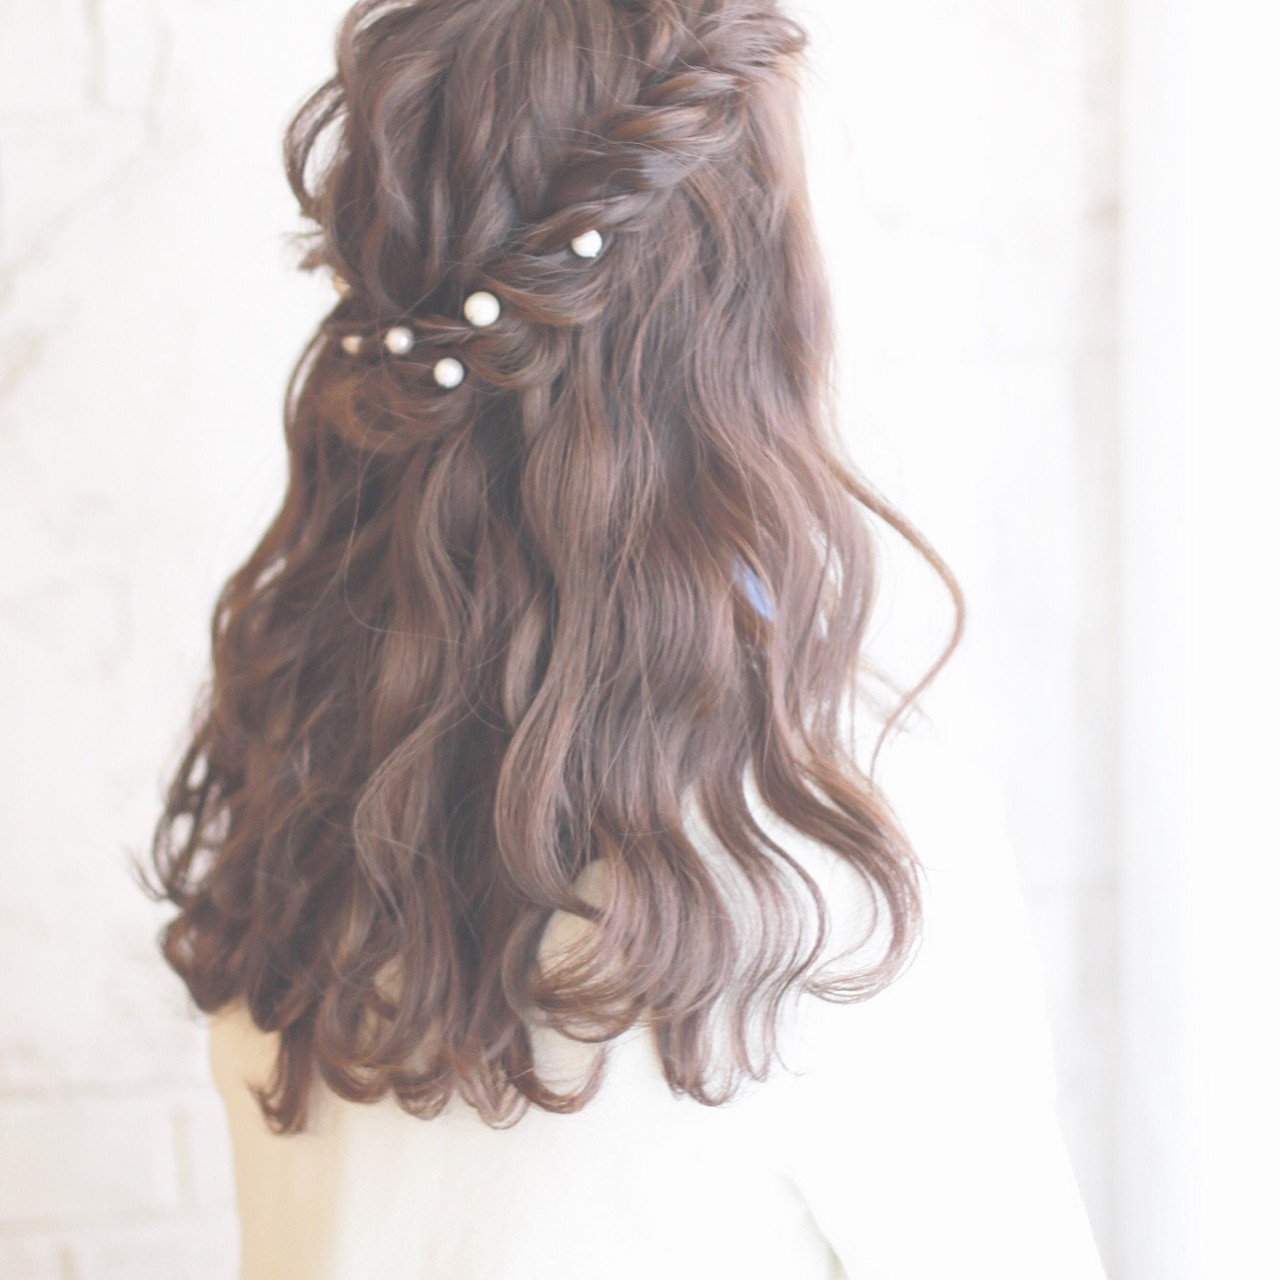 ハーフアップ 黒髪 外国人風 パールアクセ ヘアスタイルや髪型の写真・画像